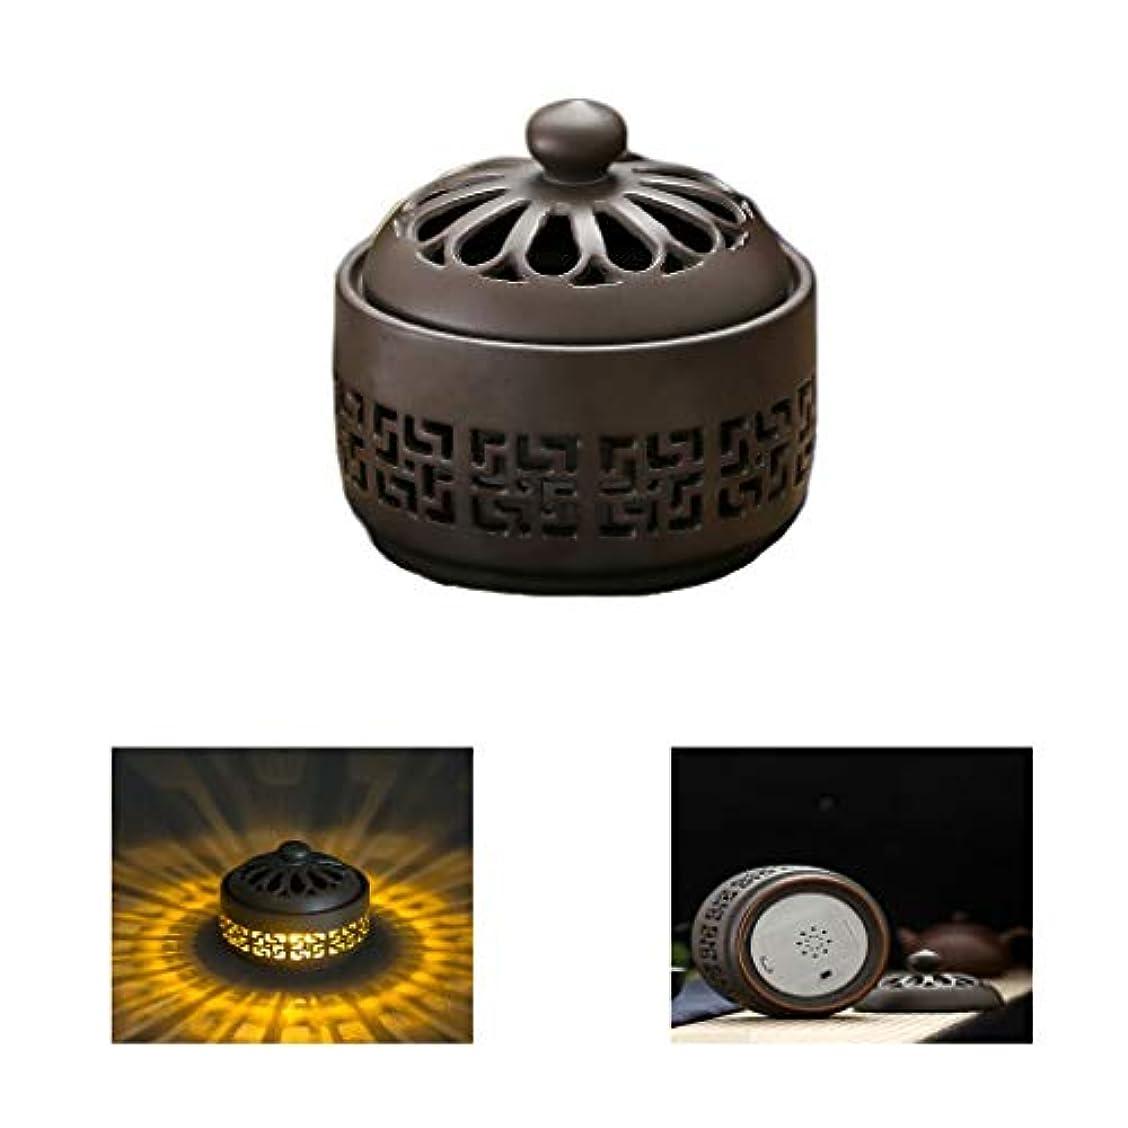 背骨確率スクラップホームアロマバーナー LED暖かい光香バーナーレトロノスタルジックなセラミック香炉高温アロマセラピー炉 アロマバーナー (Color : Earth tones)